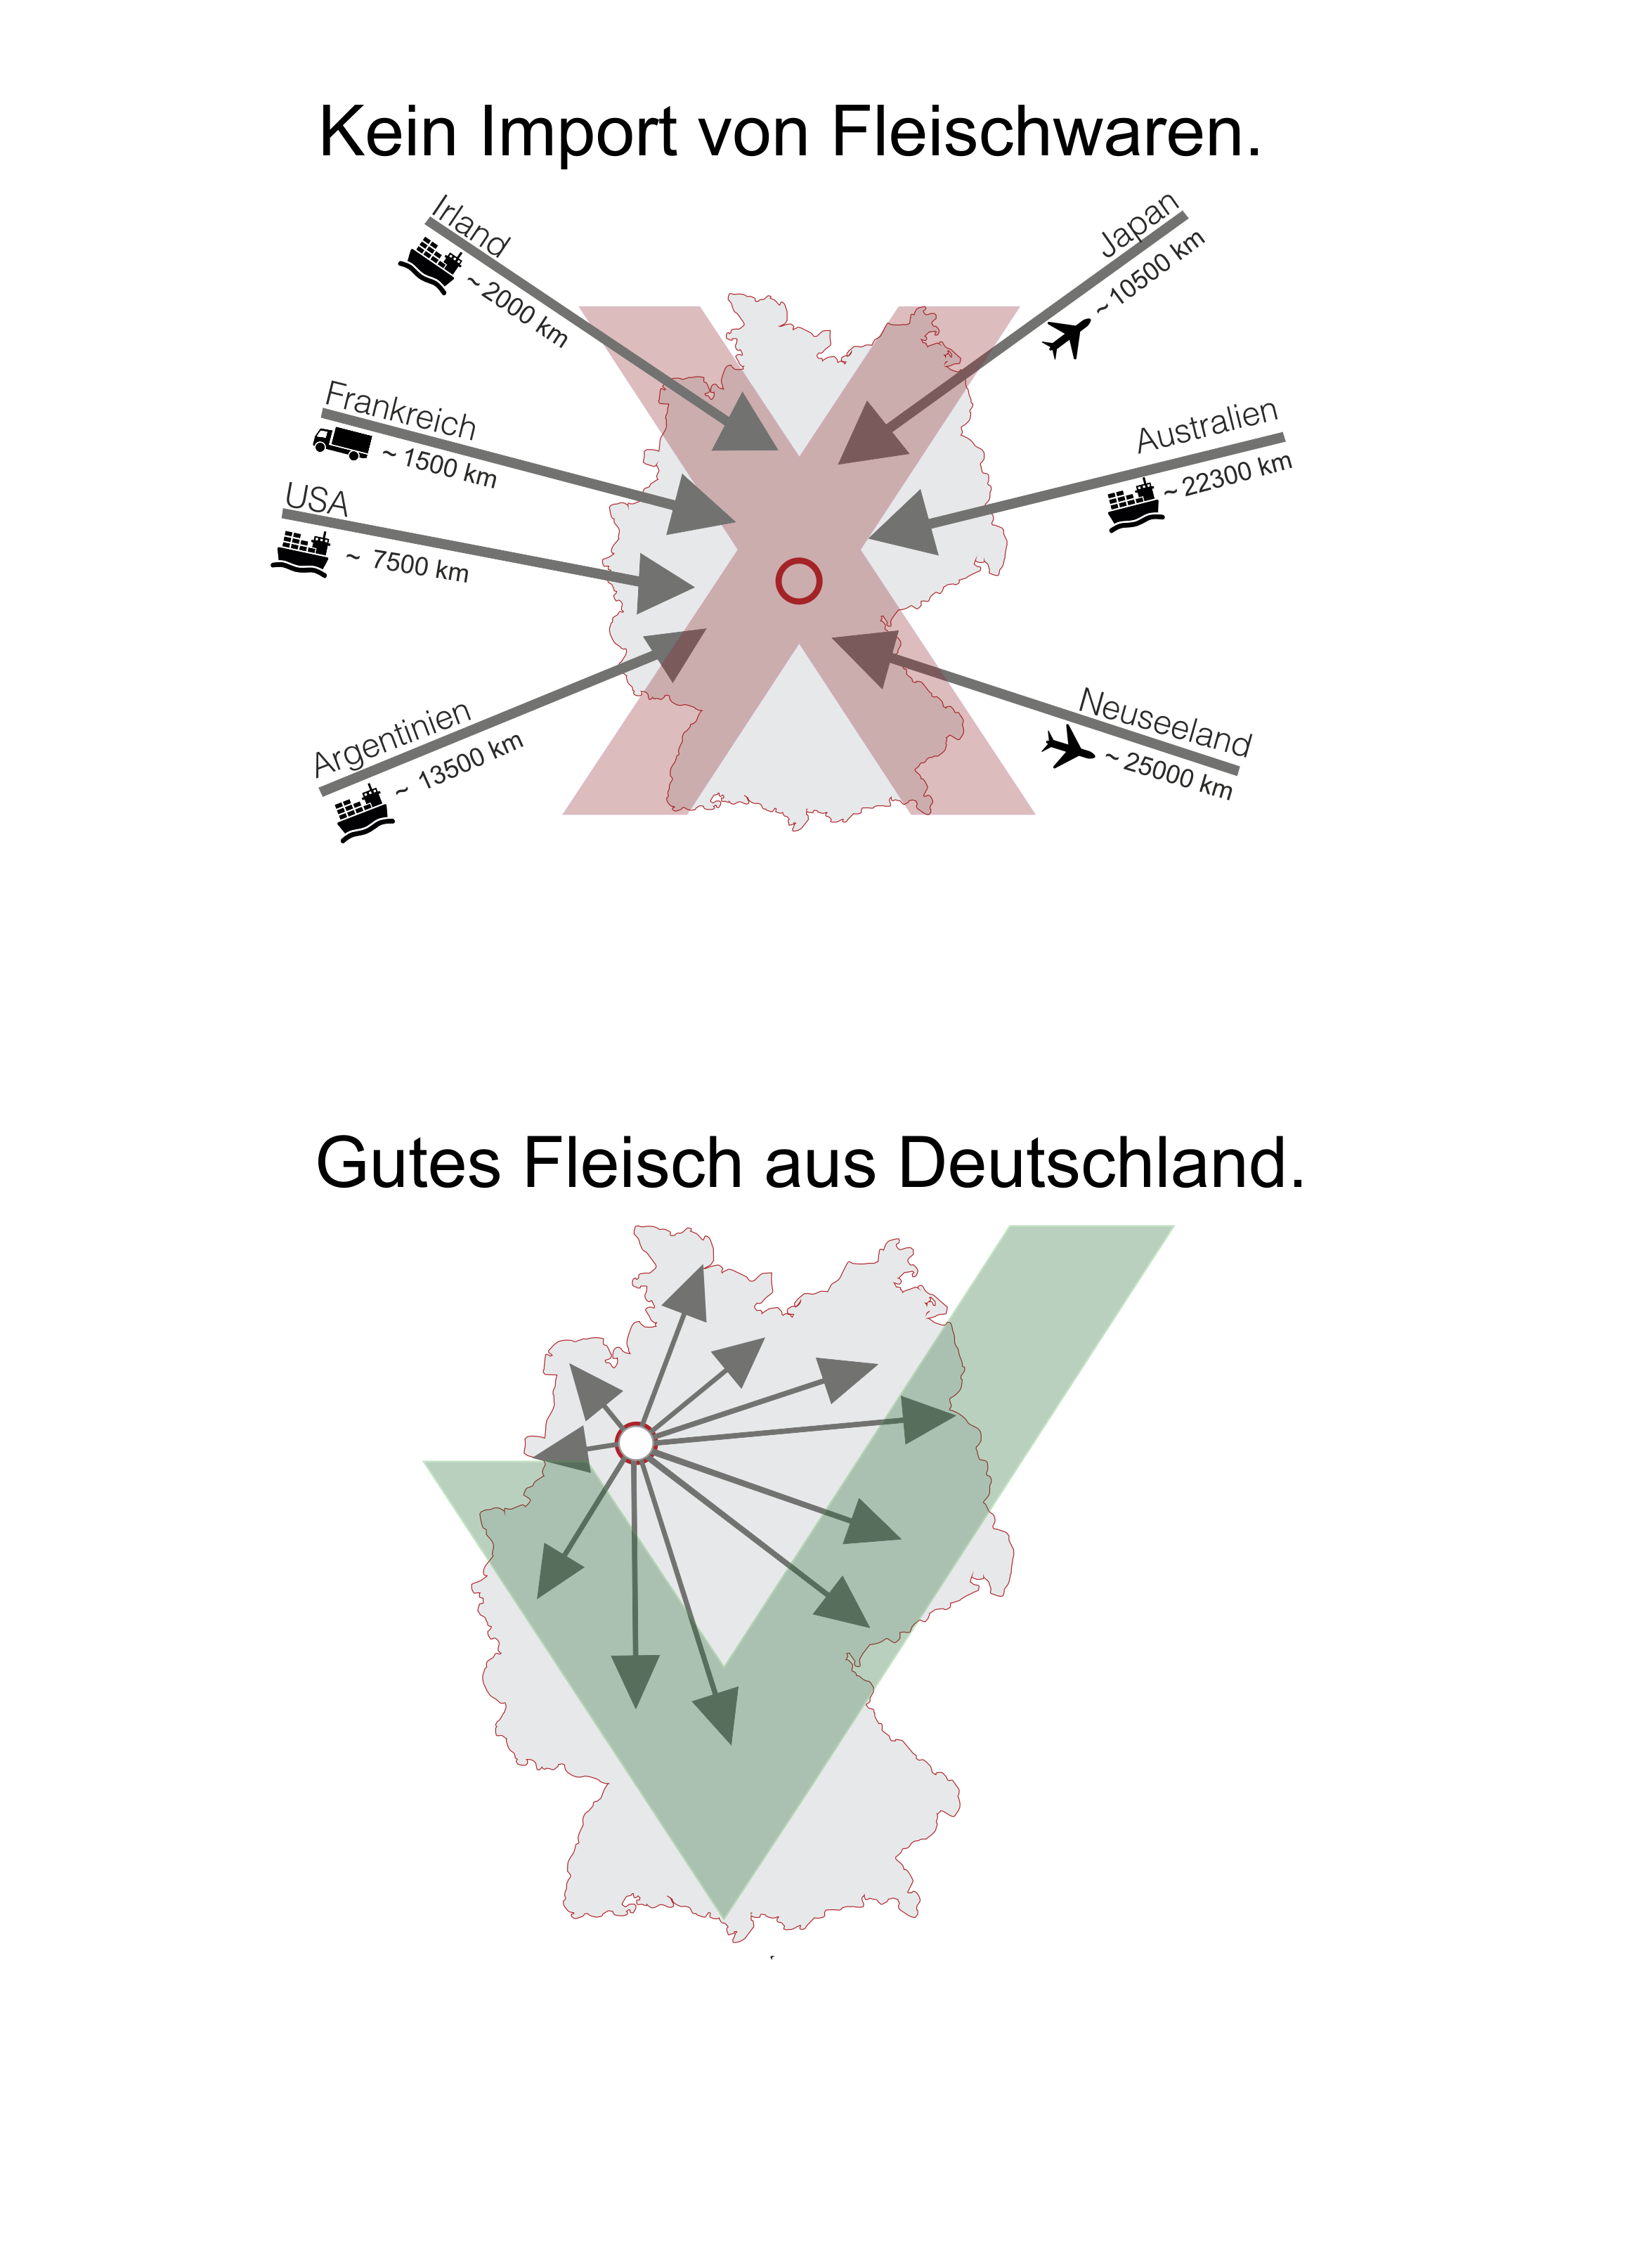 Regionali-t-Grafik